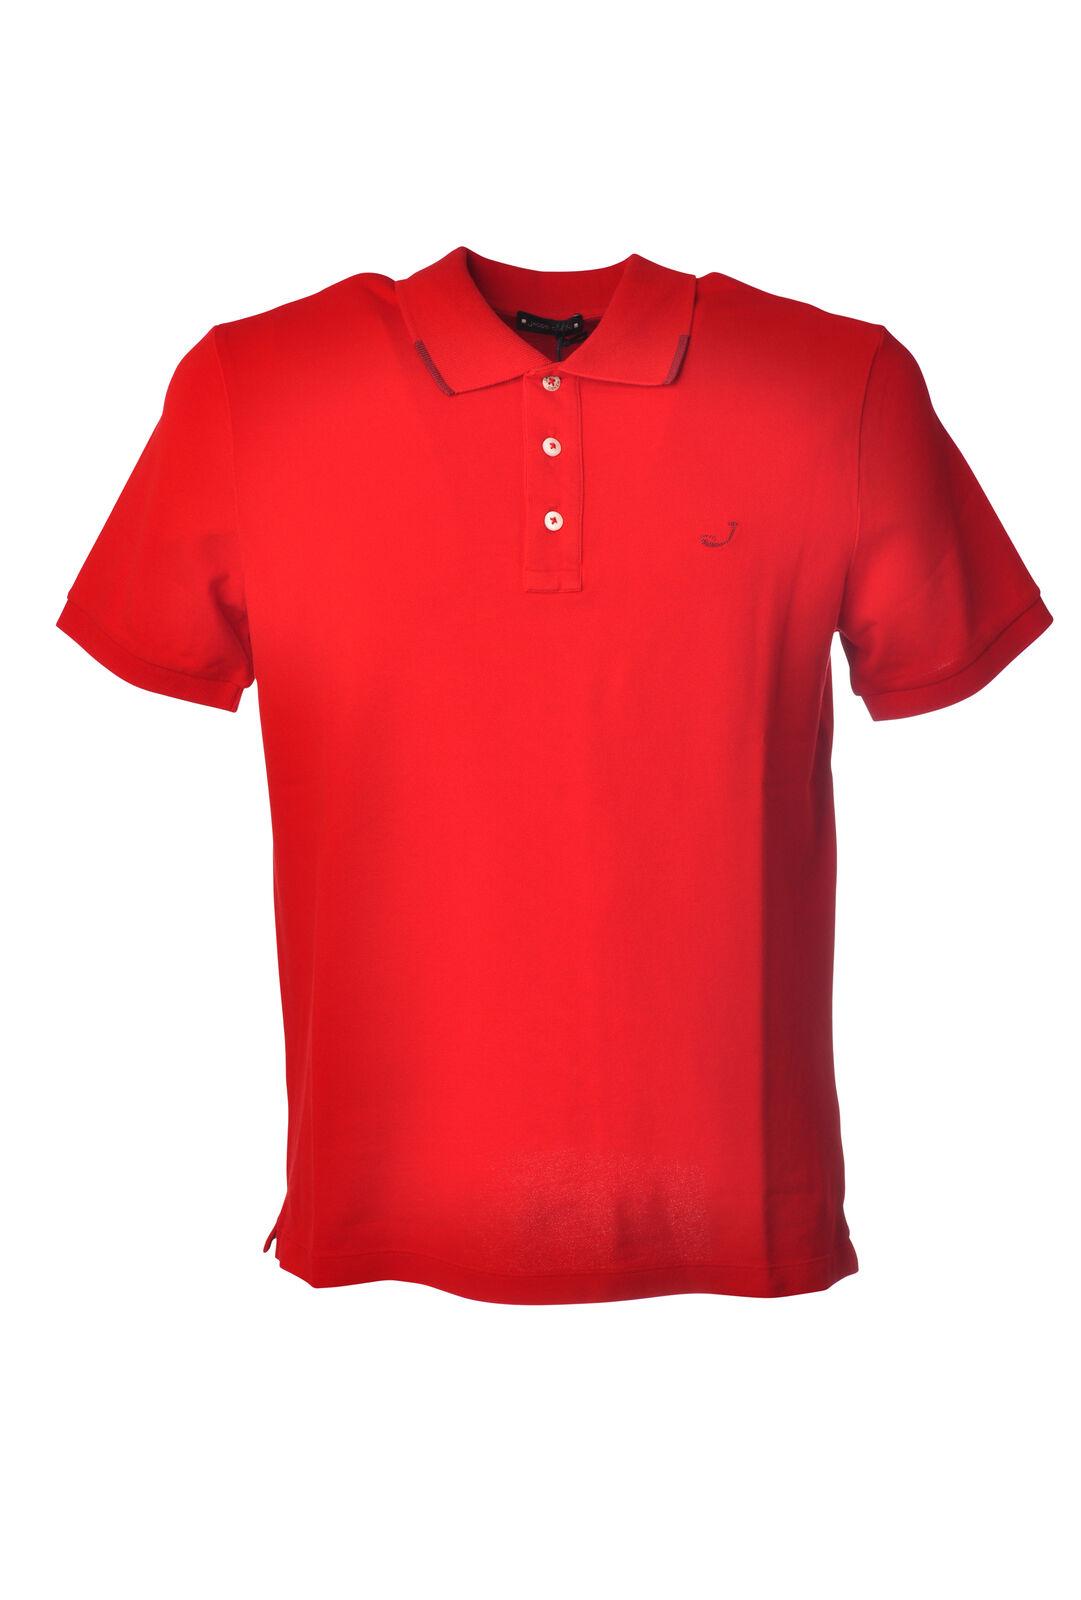 Jacob Cohen - Topwear Polo - Mann - Rot - 5292225I185759